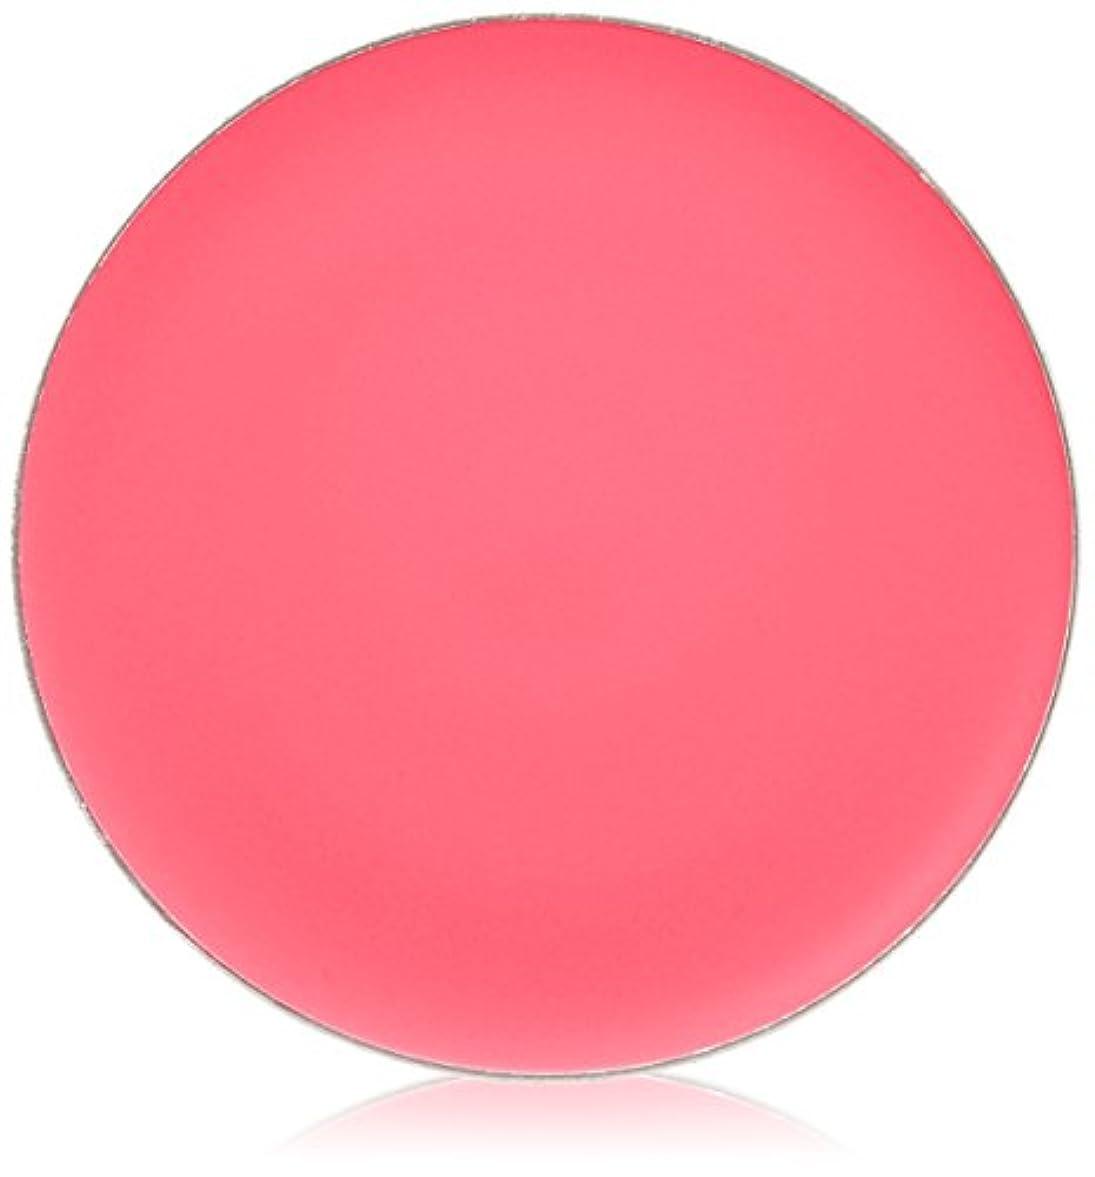 キッカ フローレスグロウ フラッシュブラッシュ 02 パフピンク チーク